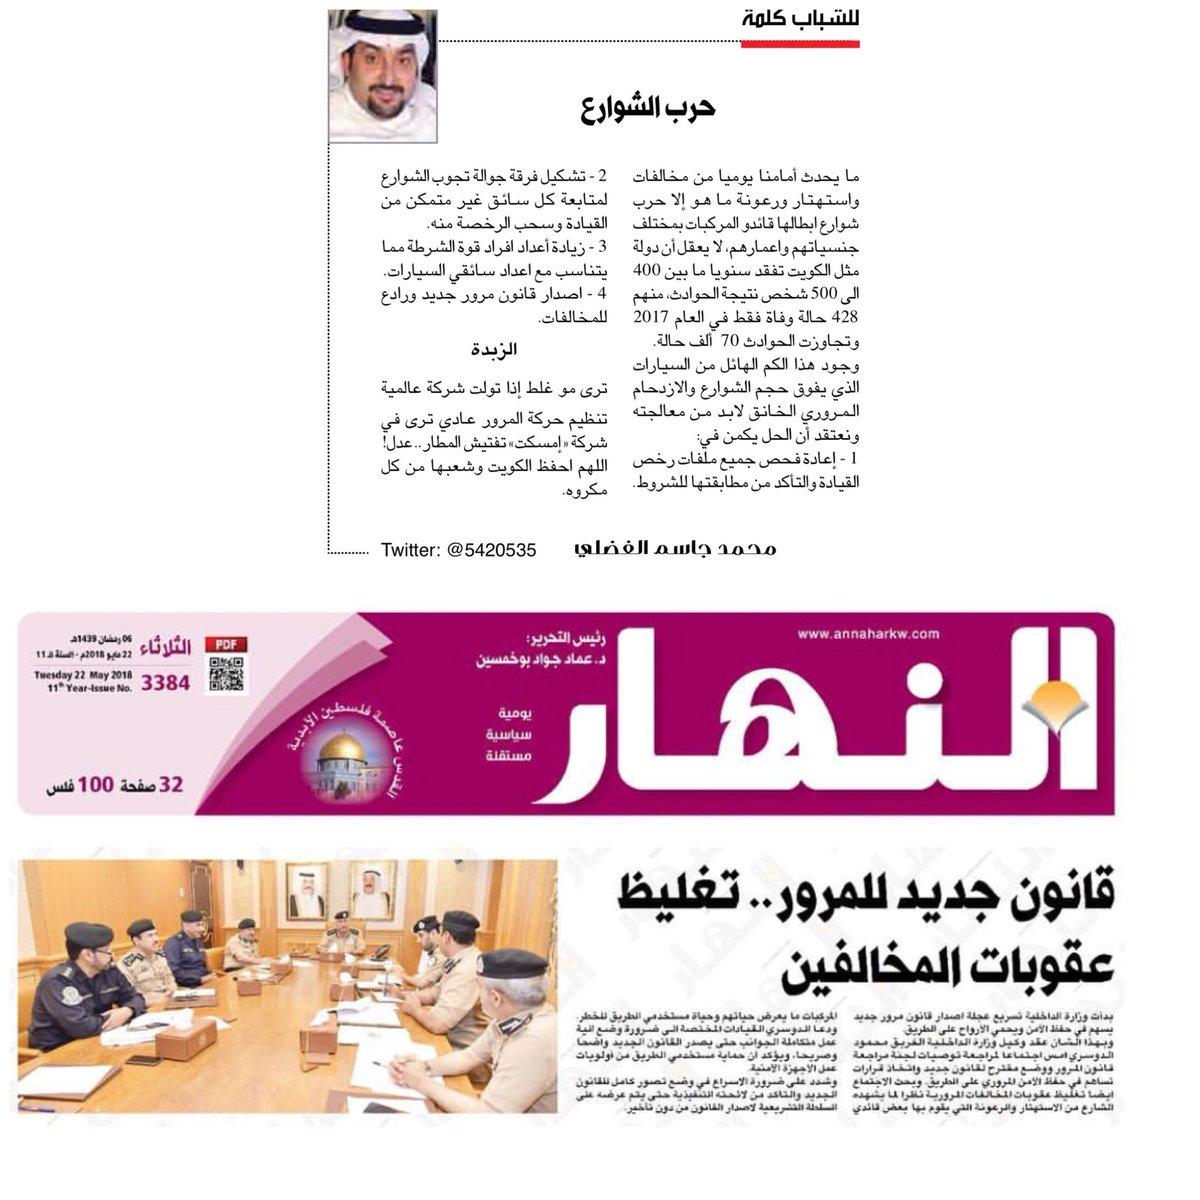 """محمد جاسم الفضلي a Twitter: """"#شكرا_لكل_من_ساهم_بنشر_المقال #الكويت… """""""